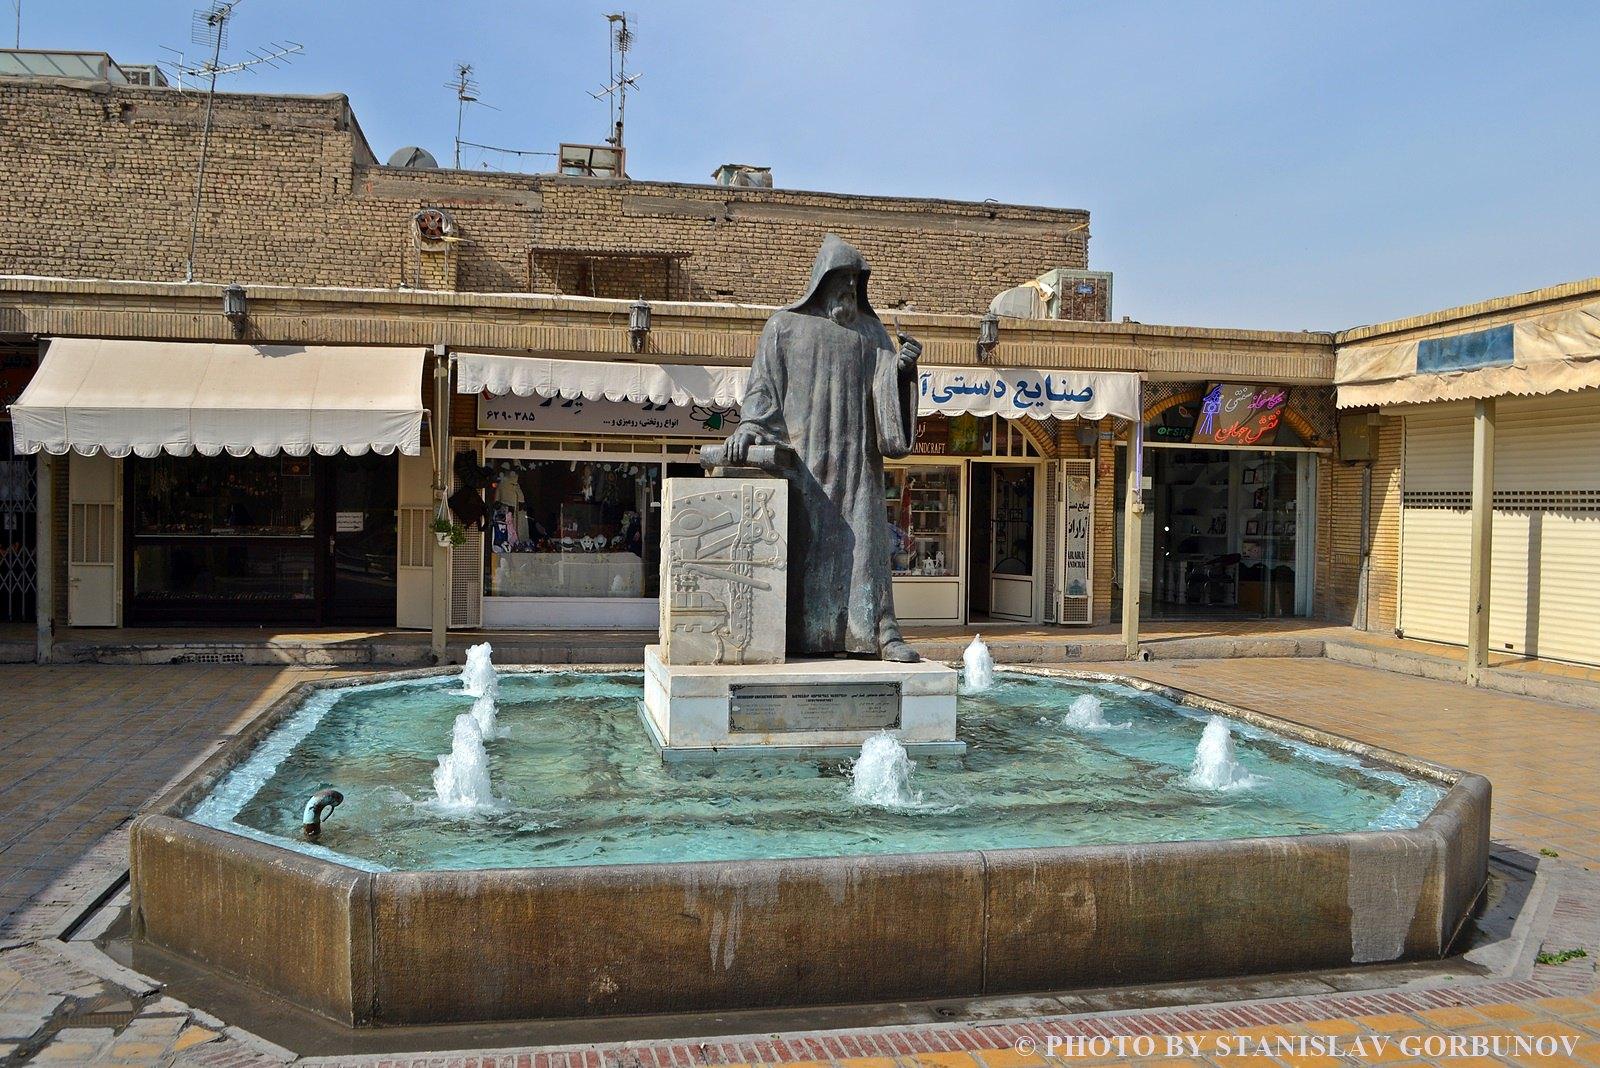 Нор-Джуга. Армянский беспредел в мусульманском Исфахане. armiane02